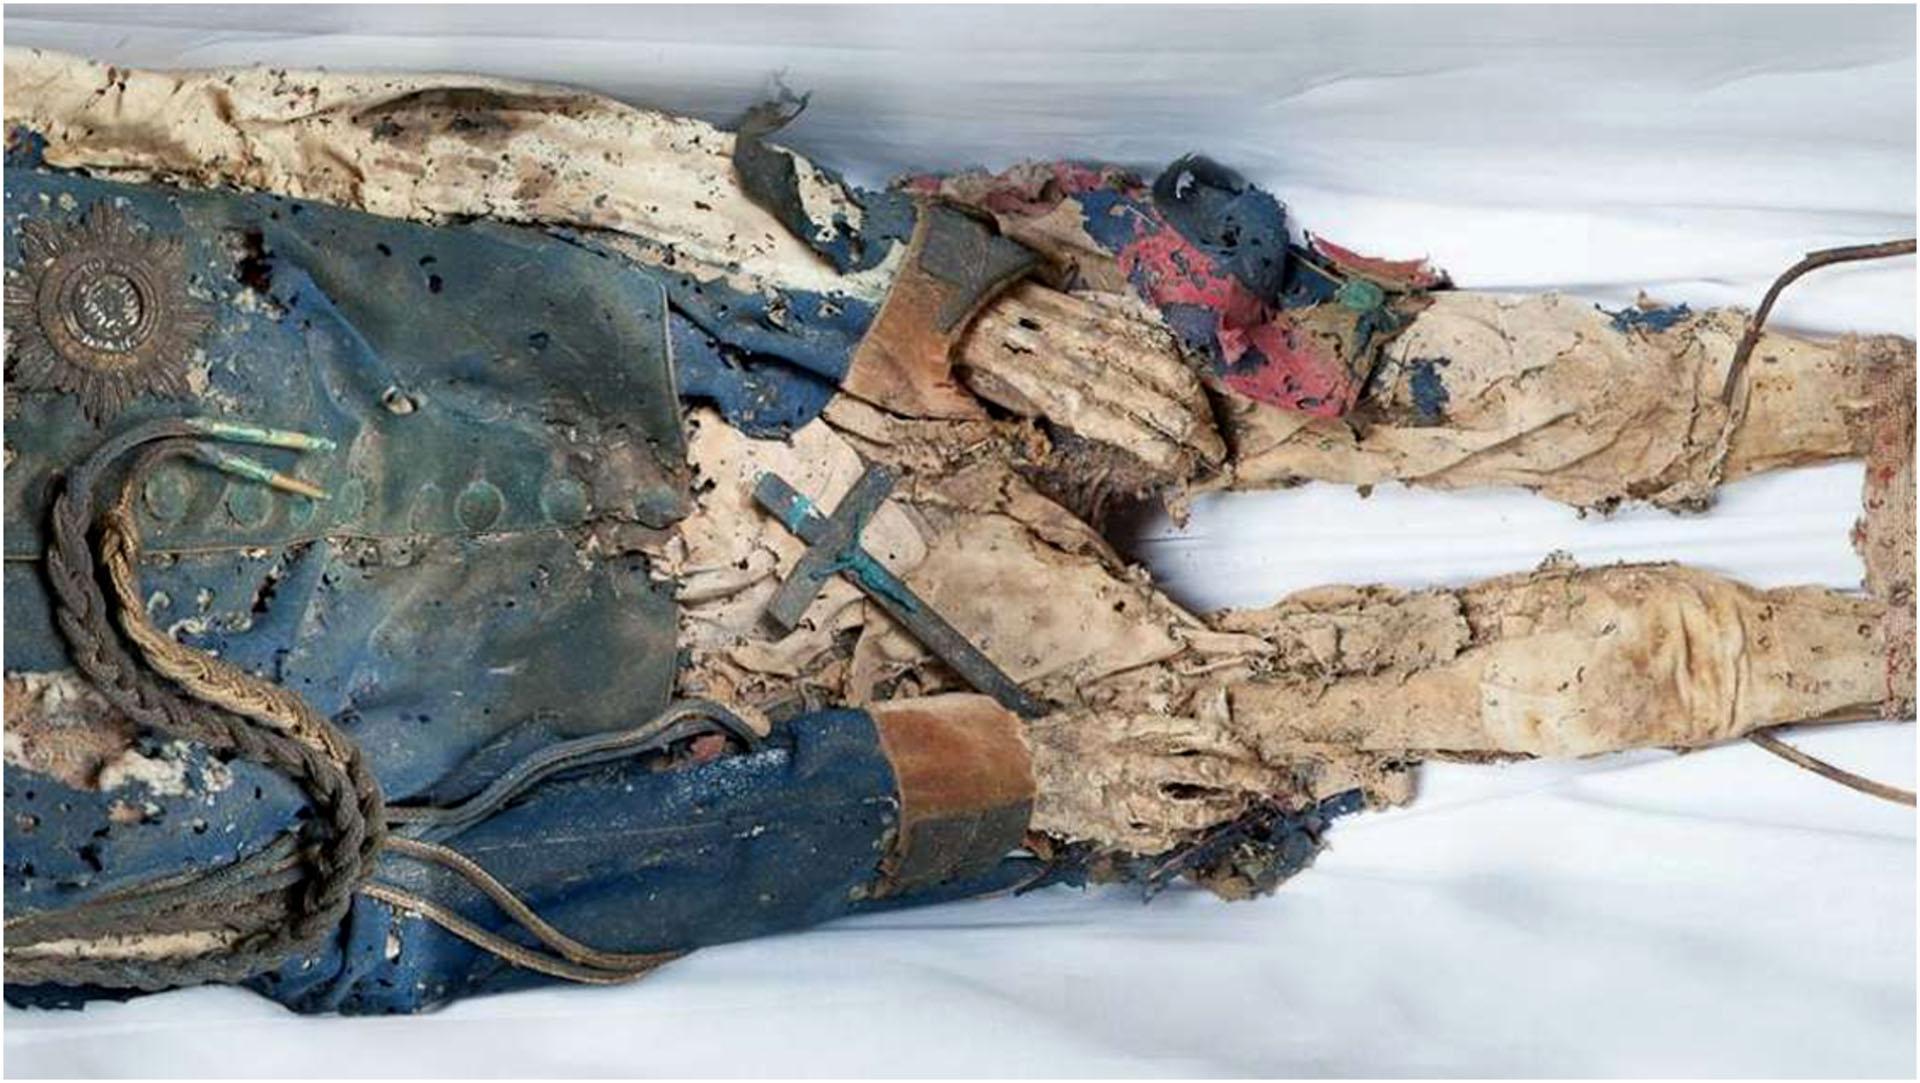 Die Mumie von Heinrich LII. Reuß Köstritz jüngerer Linie.